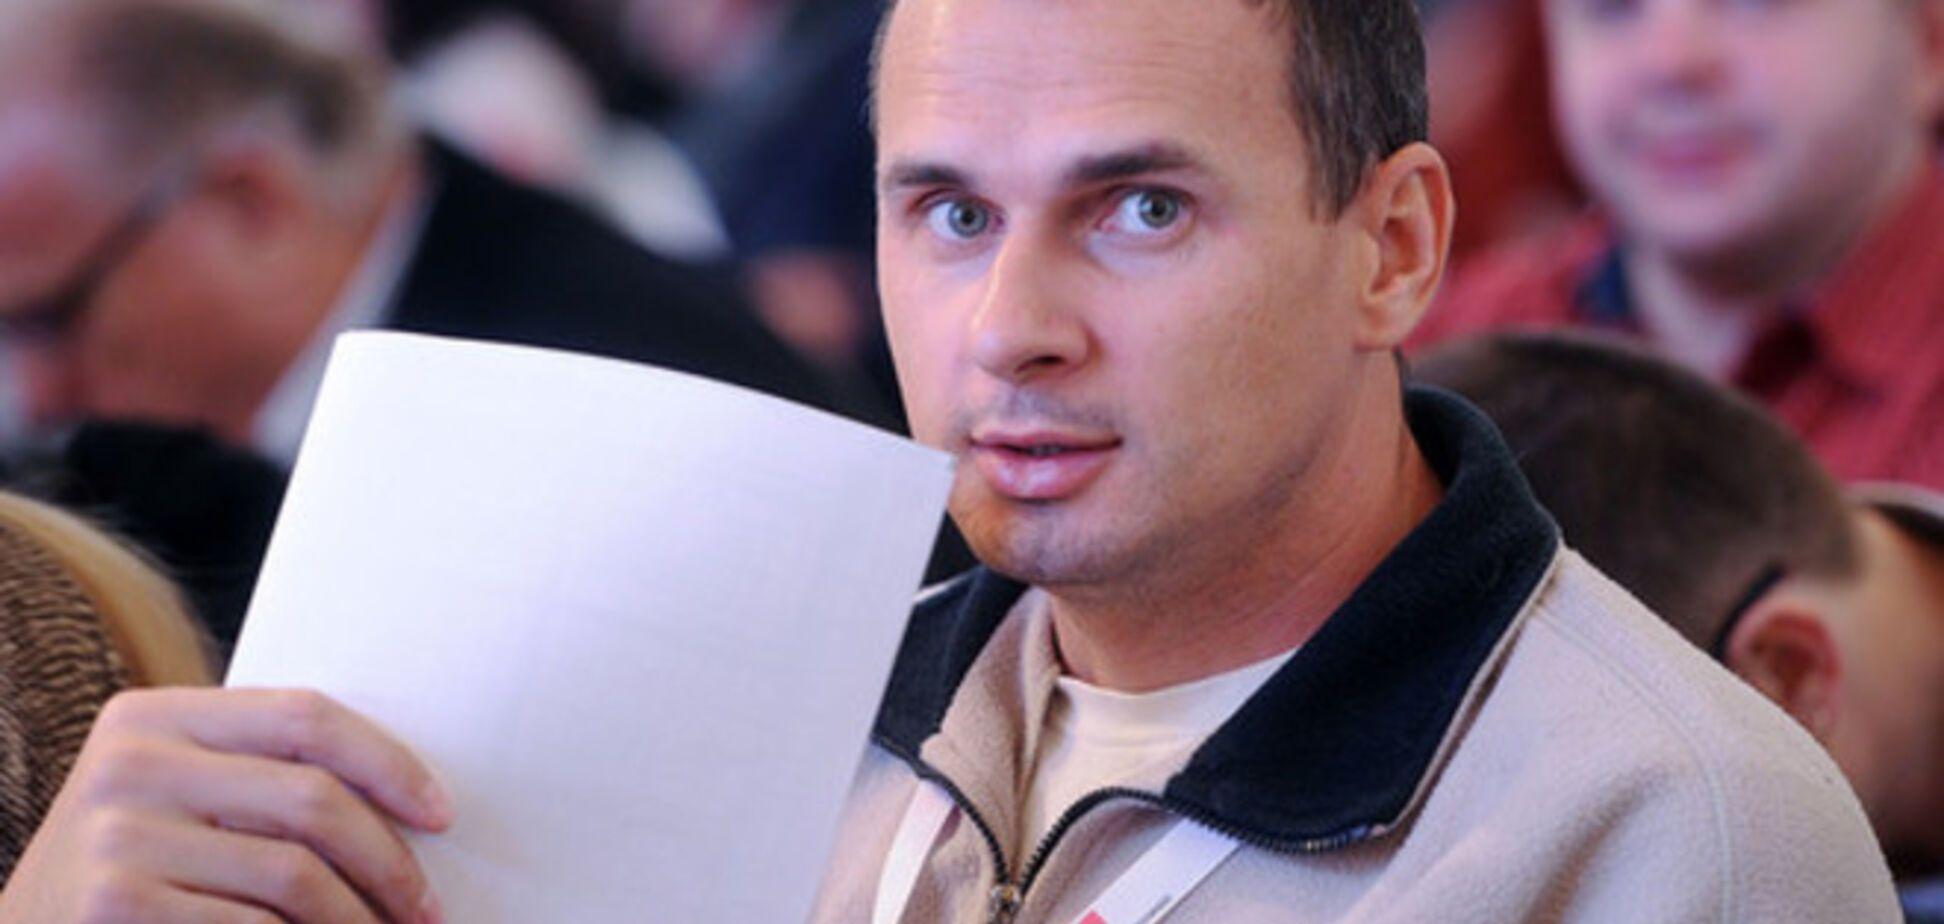 ФСБ задержала в Крыму украинского режиссера